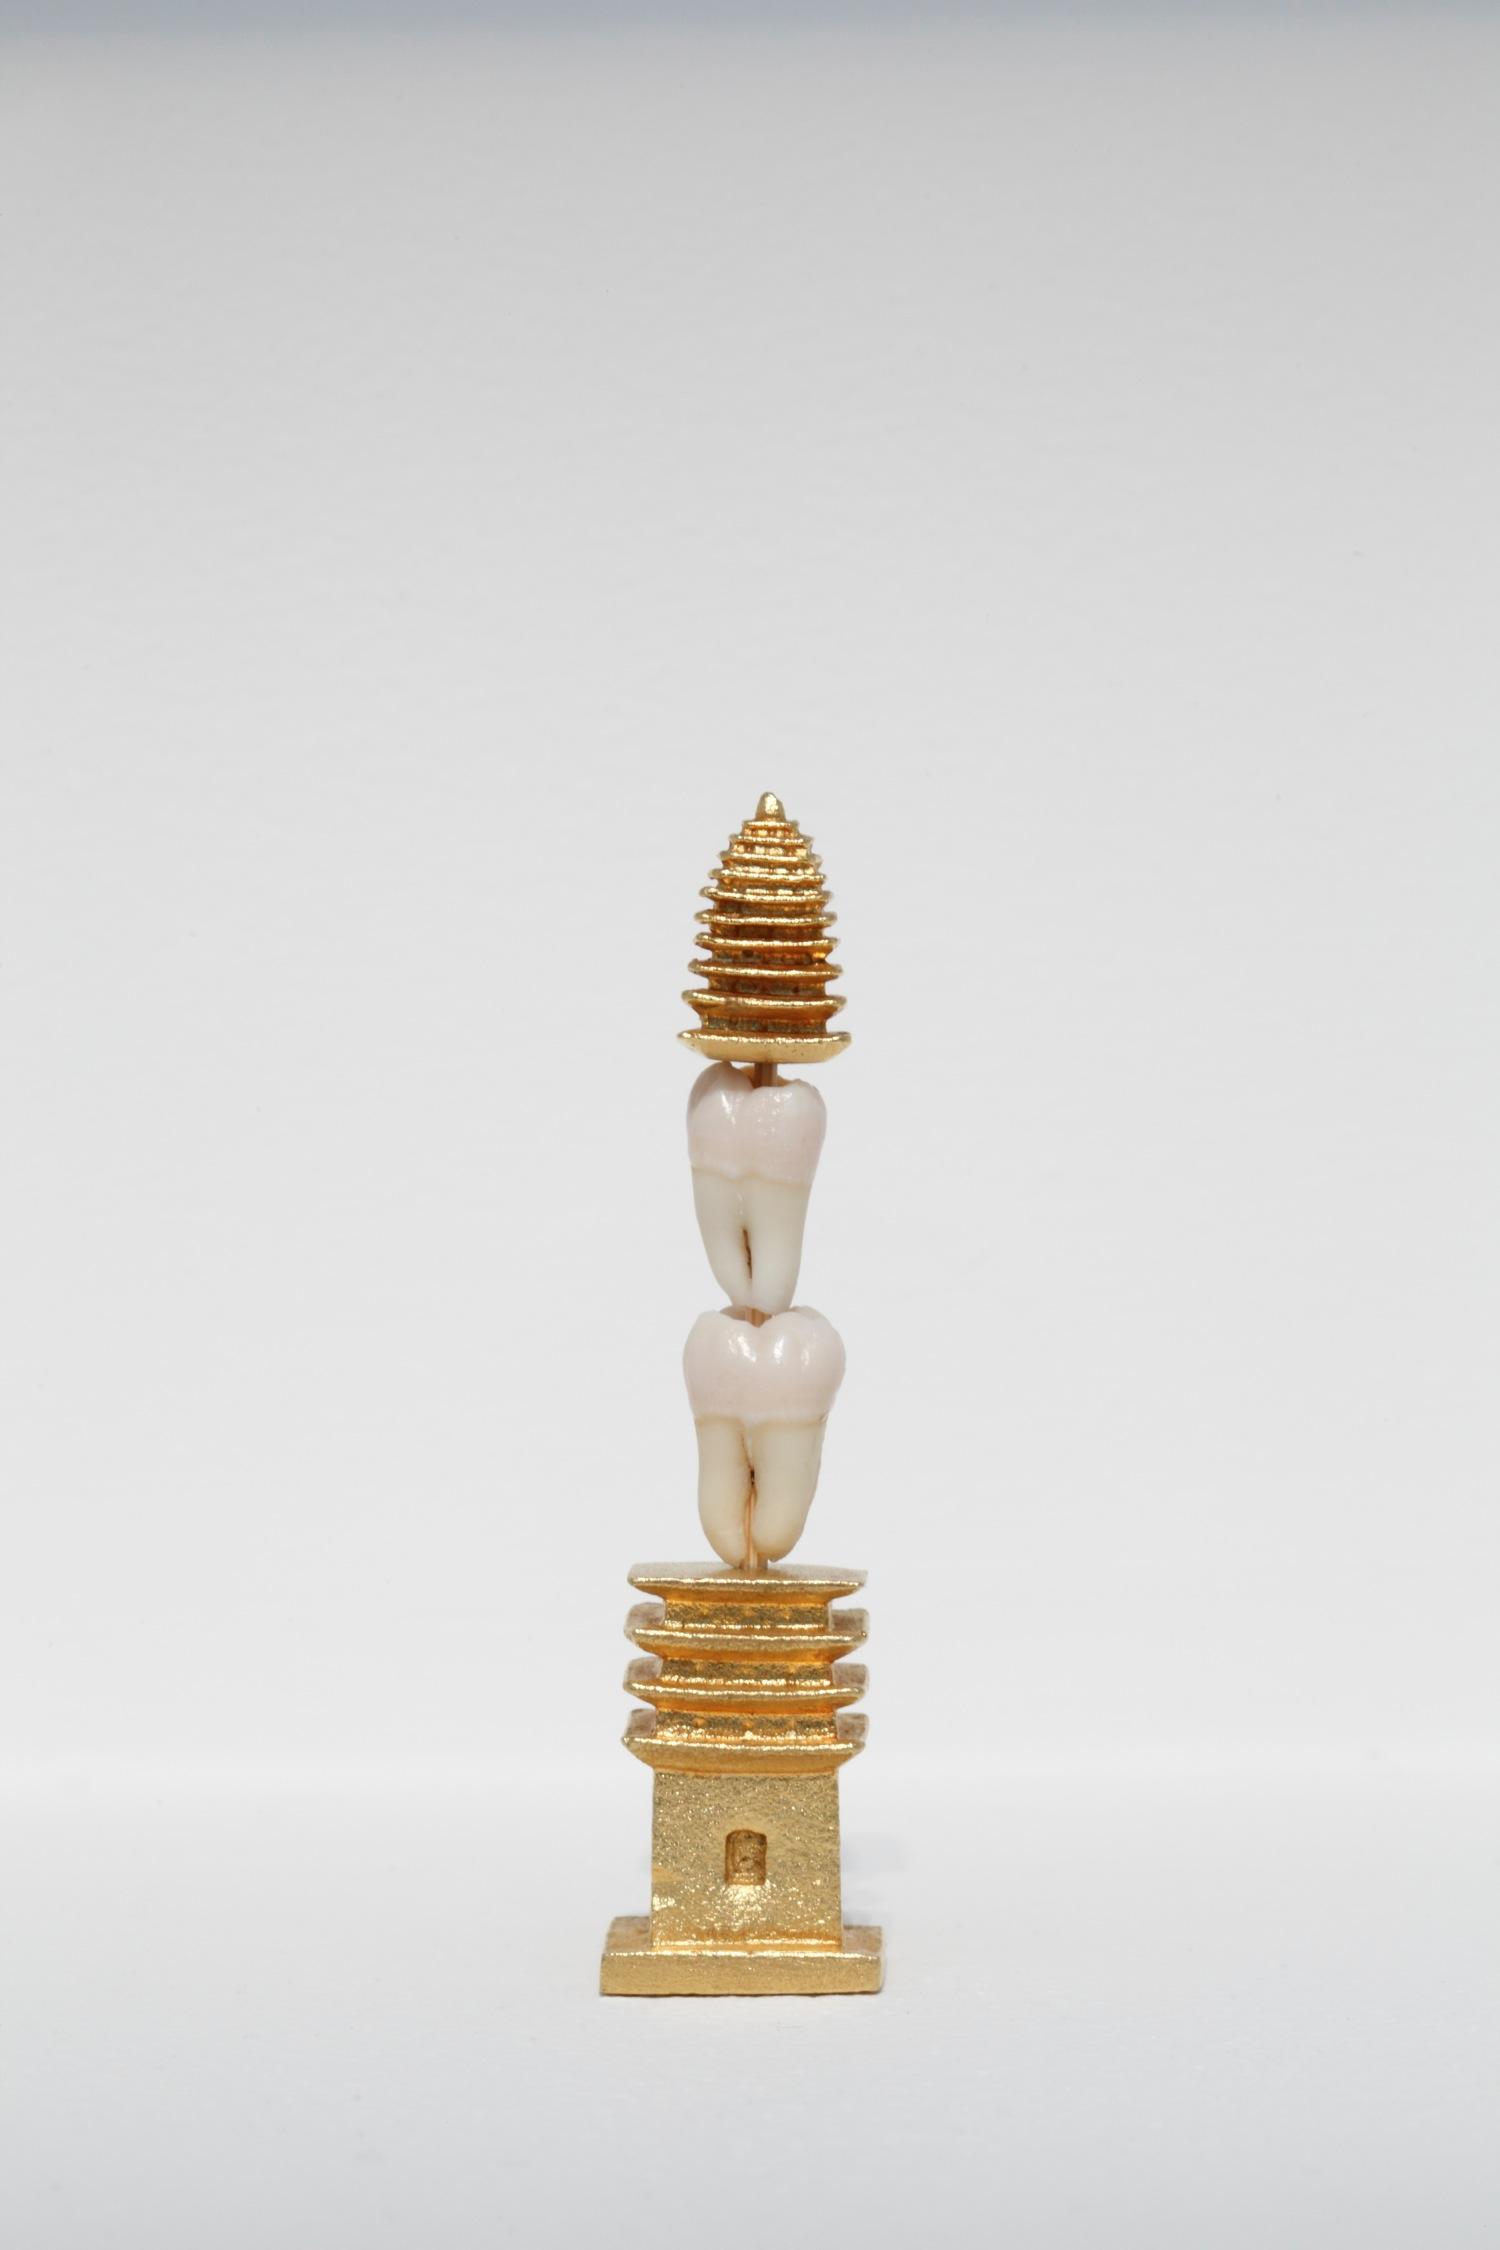 《Wisdom Tower (a pretty girl)》2013年、歯、純金、銅、竹串、8.25 x 2.1 x 2.1 cm撮影:木奥恵三